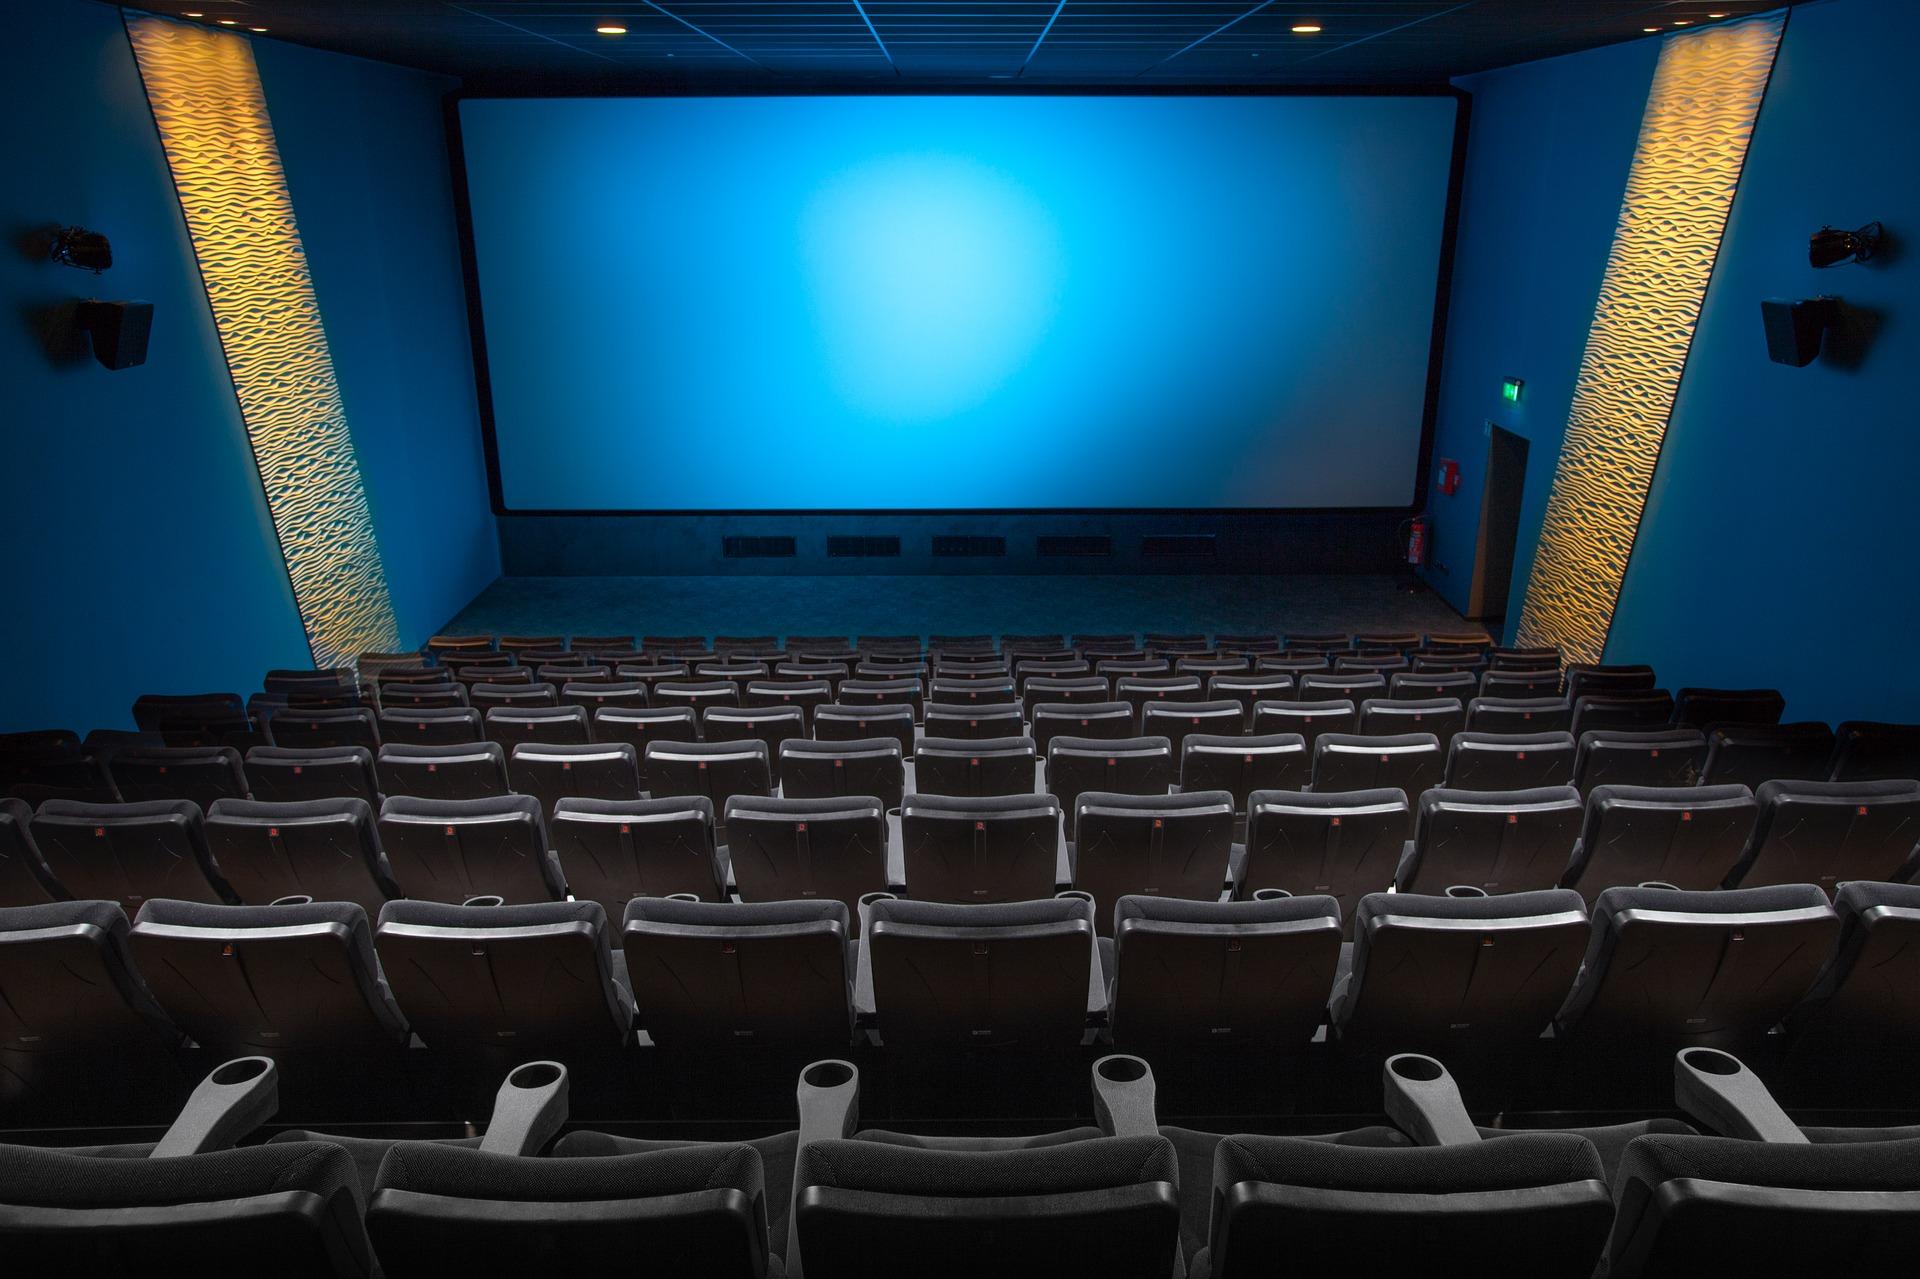 Ces films inspirés du séisme du 12 janvier 2010 qu'il faut regarder. Photo: Derks24